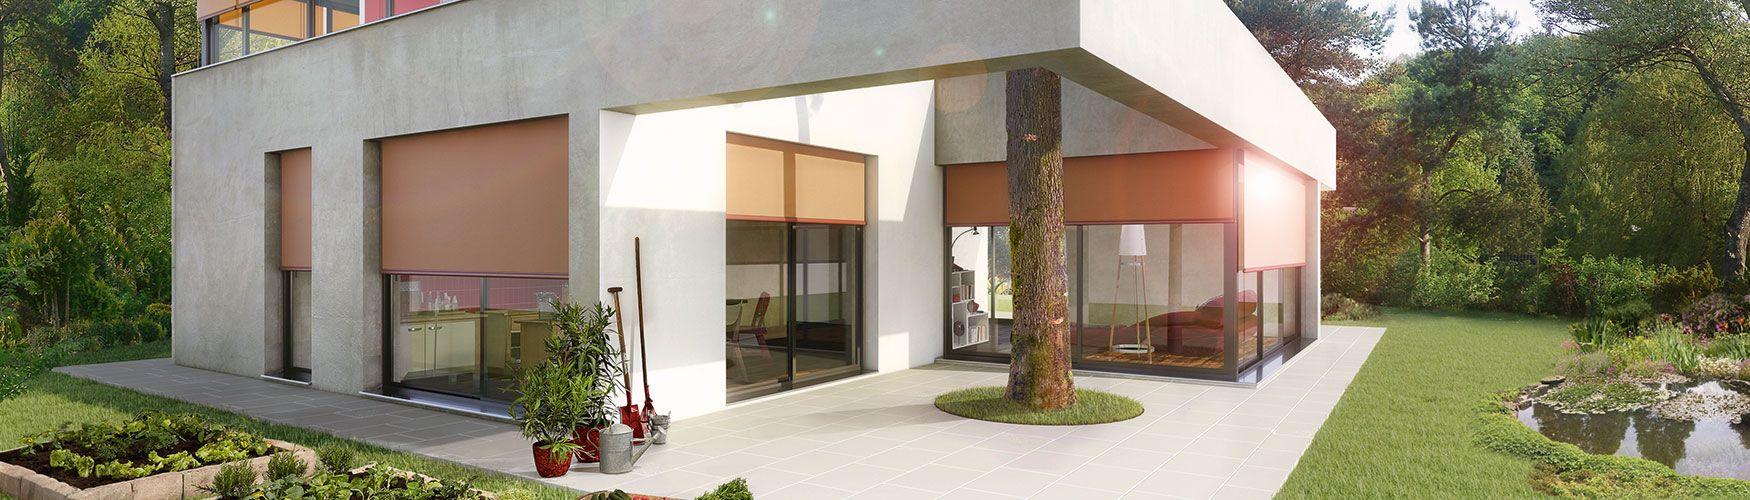 fenster markisen luxol360. Black Bedroom Furniture Sets. Home Design Ideas